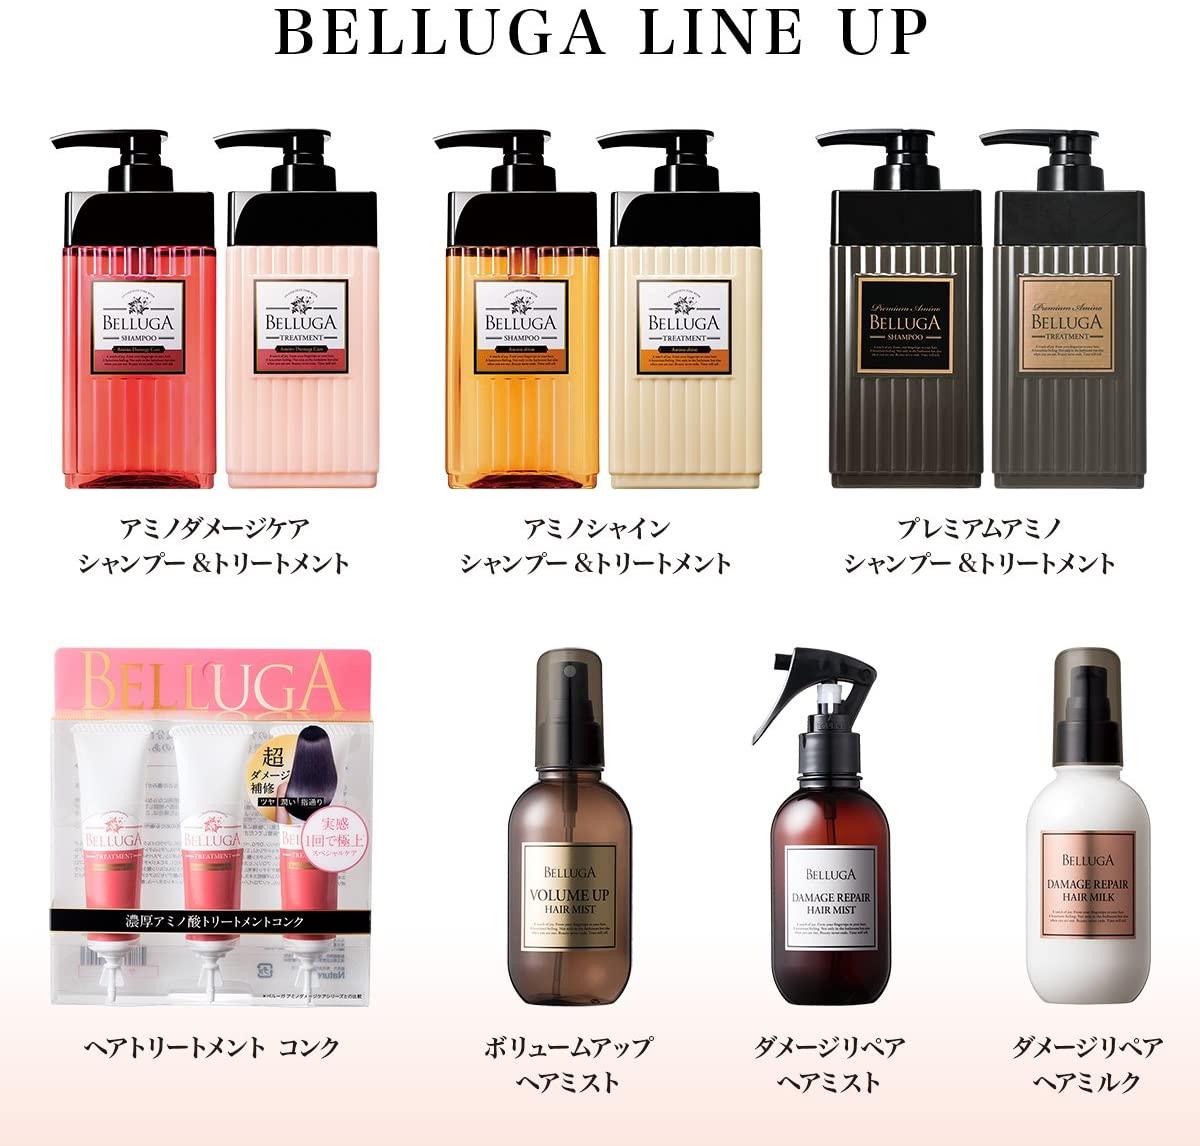 BELLUGA(ベルーガ) ダメージリペア ヘアミルクの商品画像8